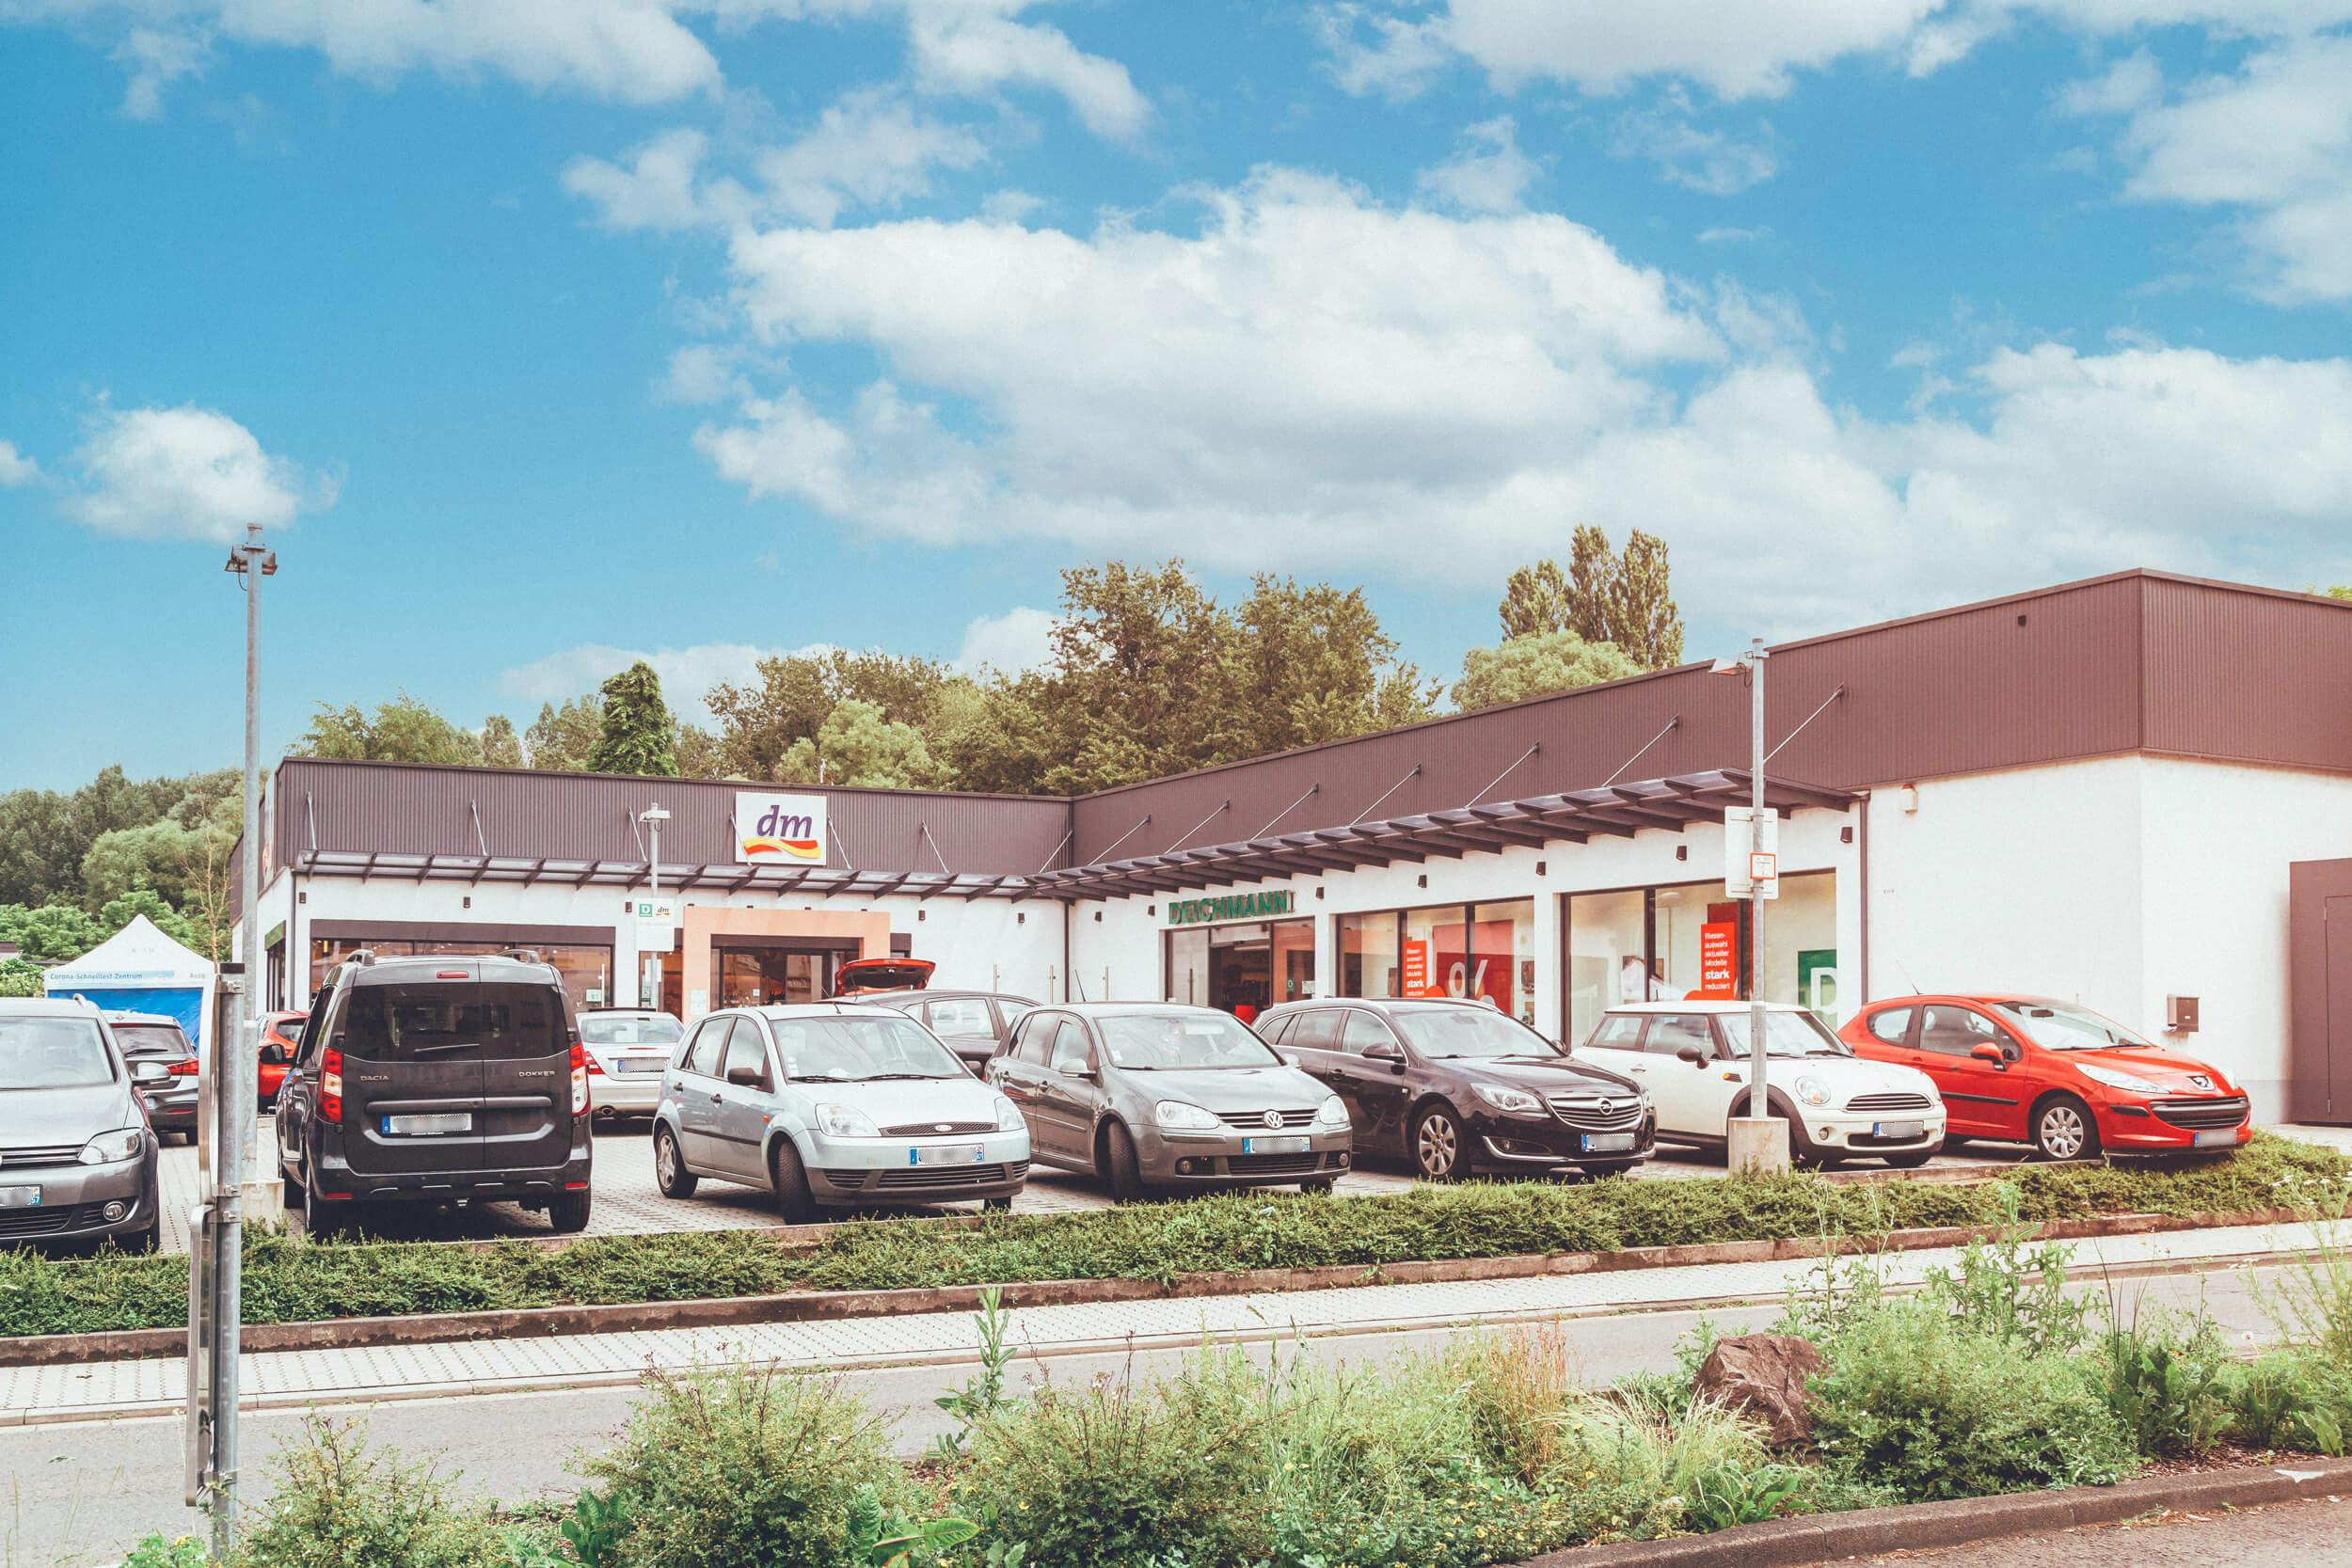 Parkplatz vor DM und Deichmann in Grossrosseln